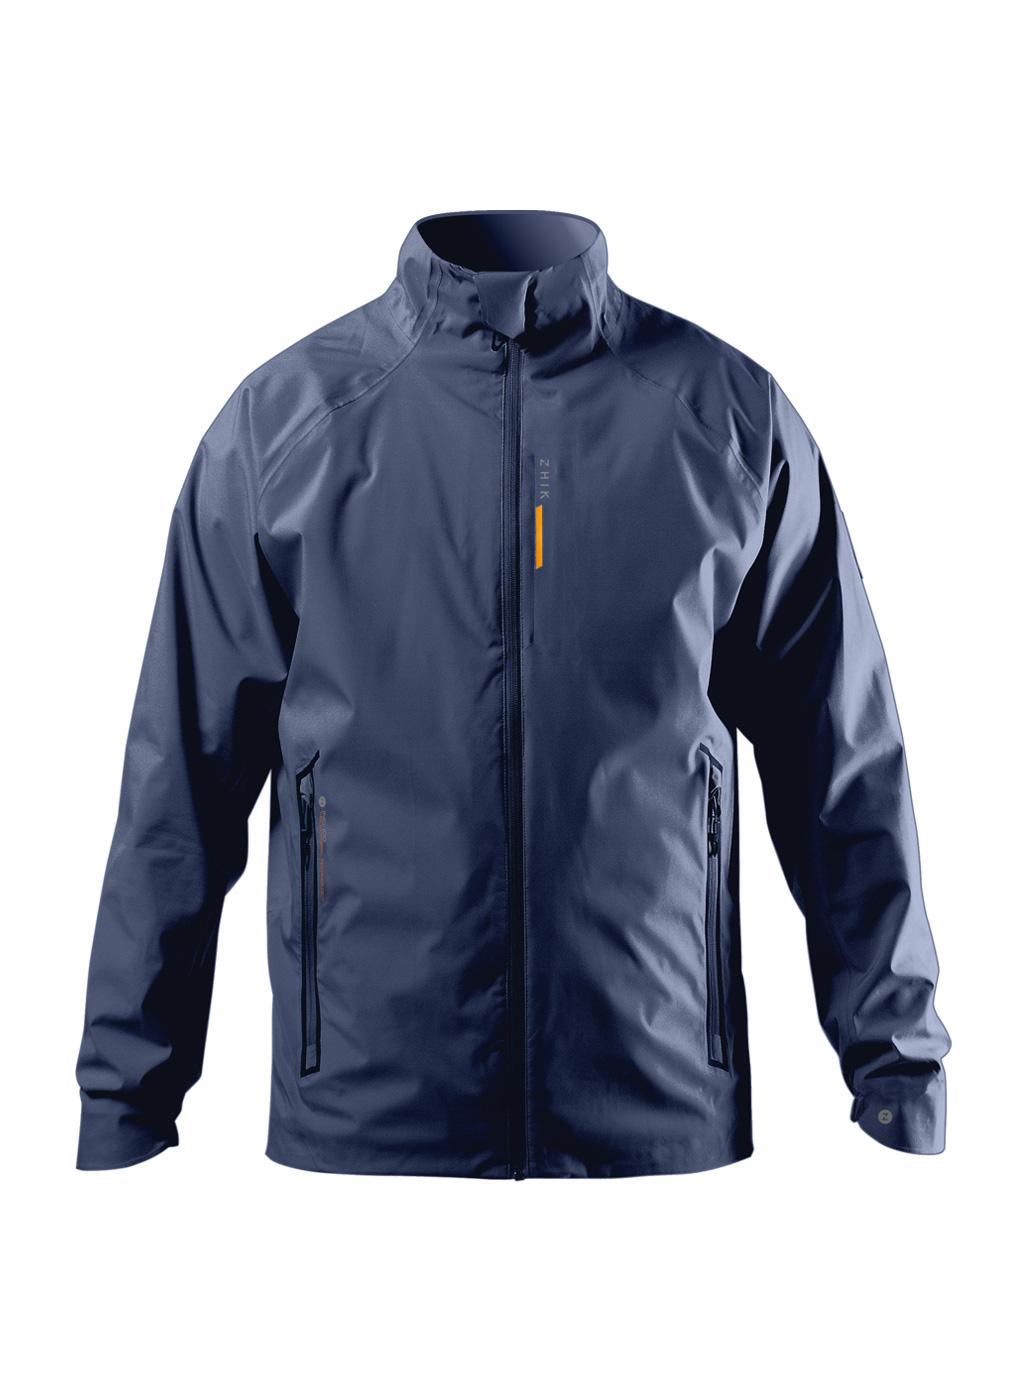 Zhik INS100 men's jacket.